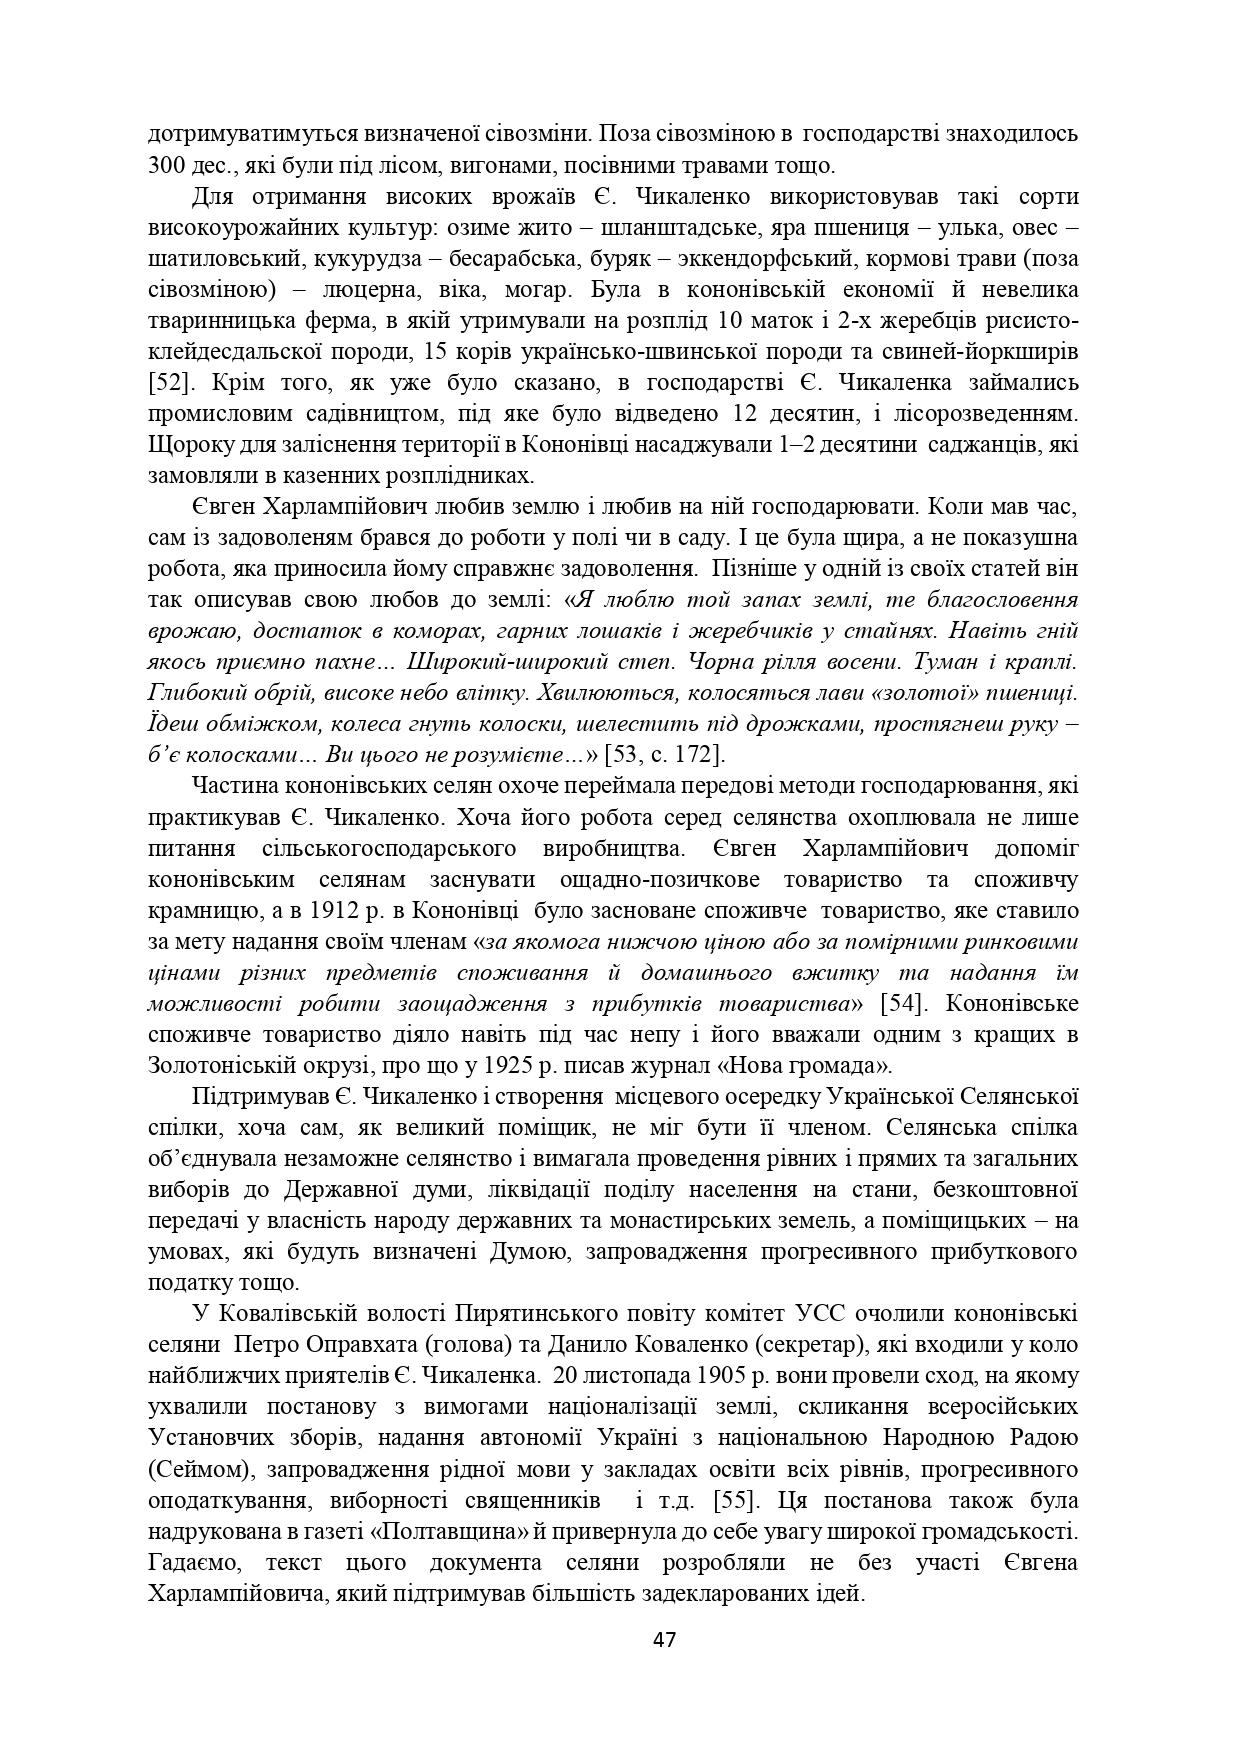 ІСТОРІЯ СЕЛА КОНОНІВКА 2021 (1)_page-0047